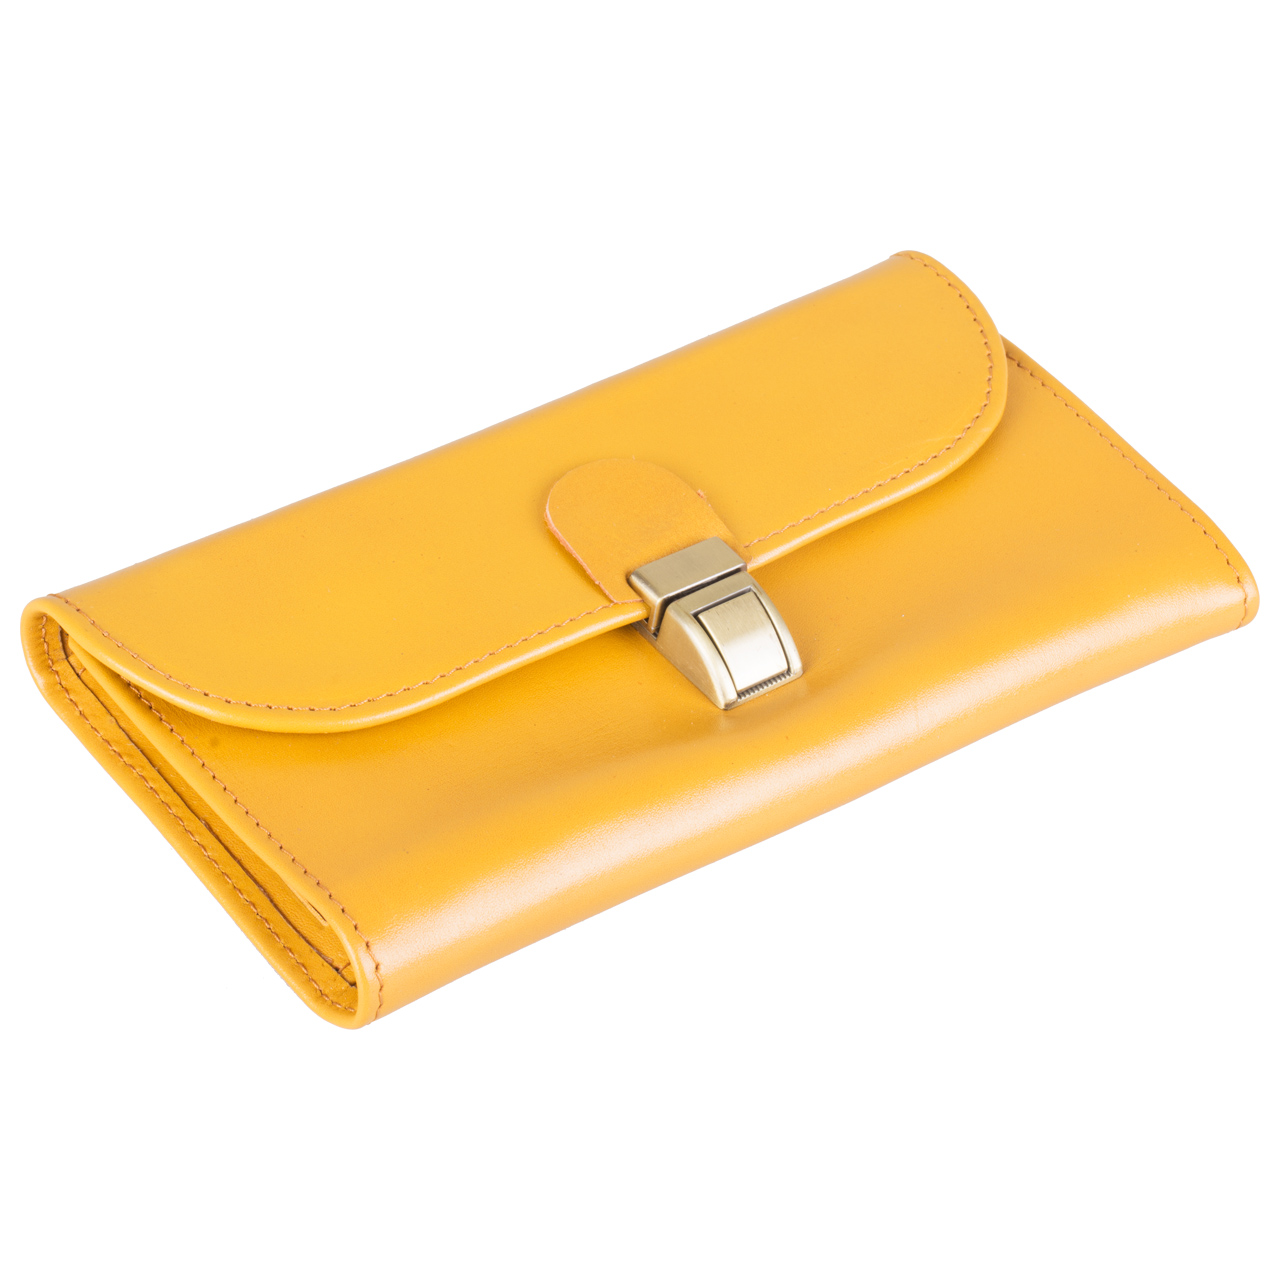 کیف پول زنانه چرم طبیعی زیویک مدل 002